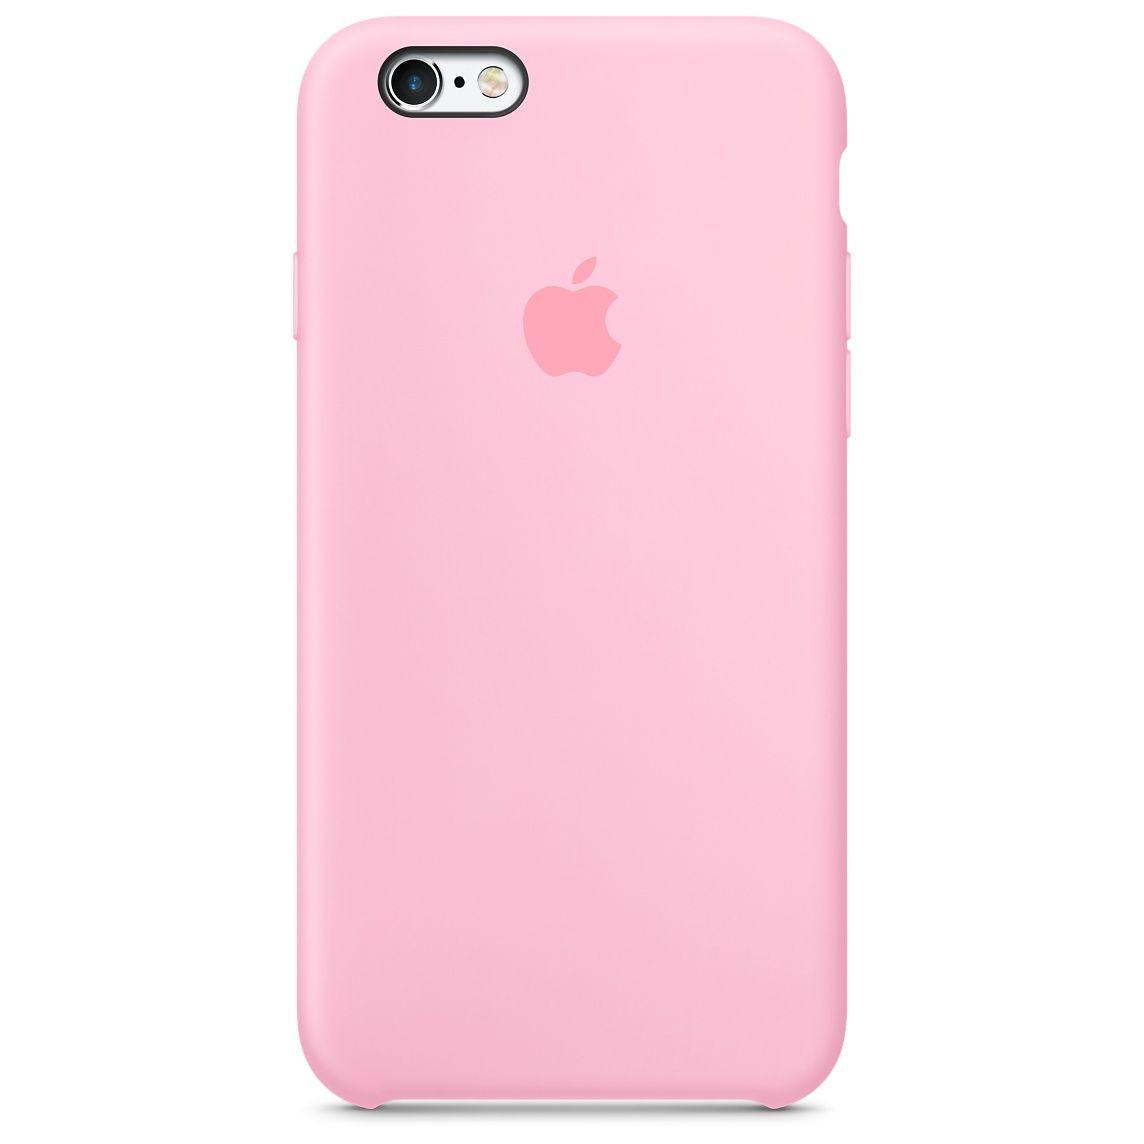 Iphone 6s Silikon Case Hellrosa Apple De Accessoires Iphone Coque De Portable Accessoires De Telephone